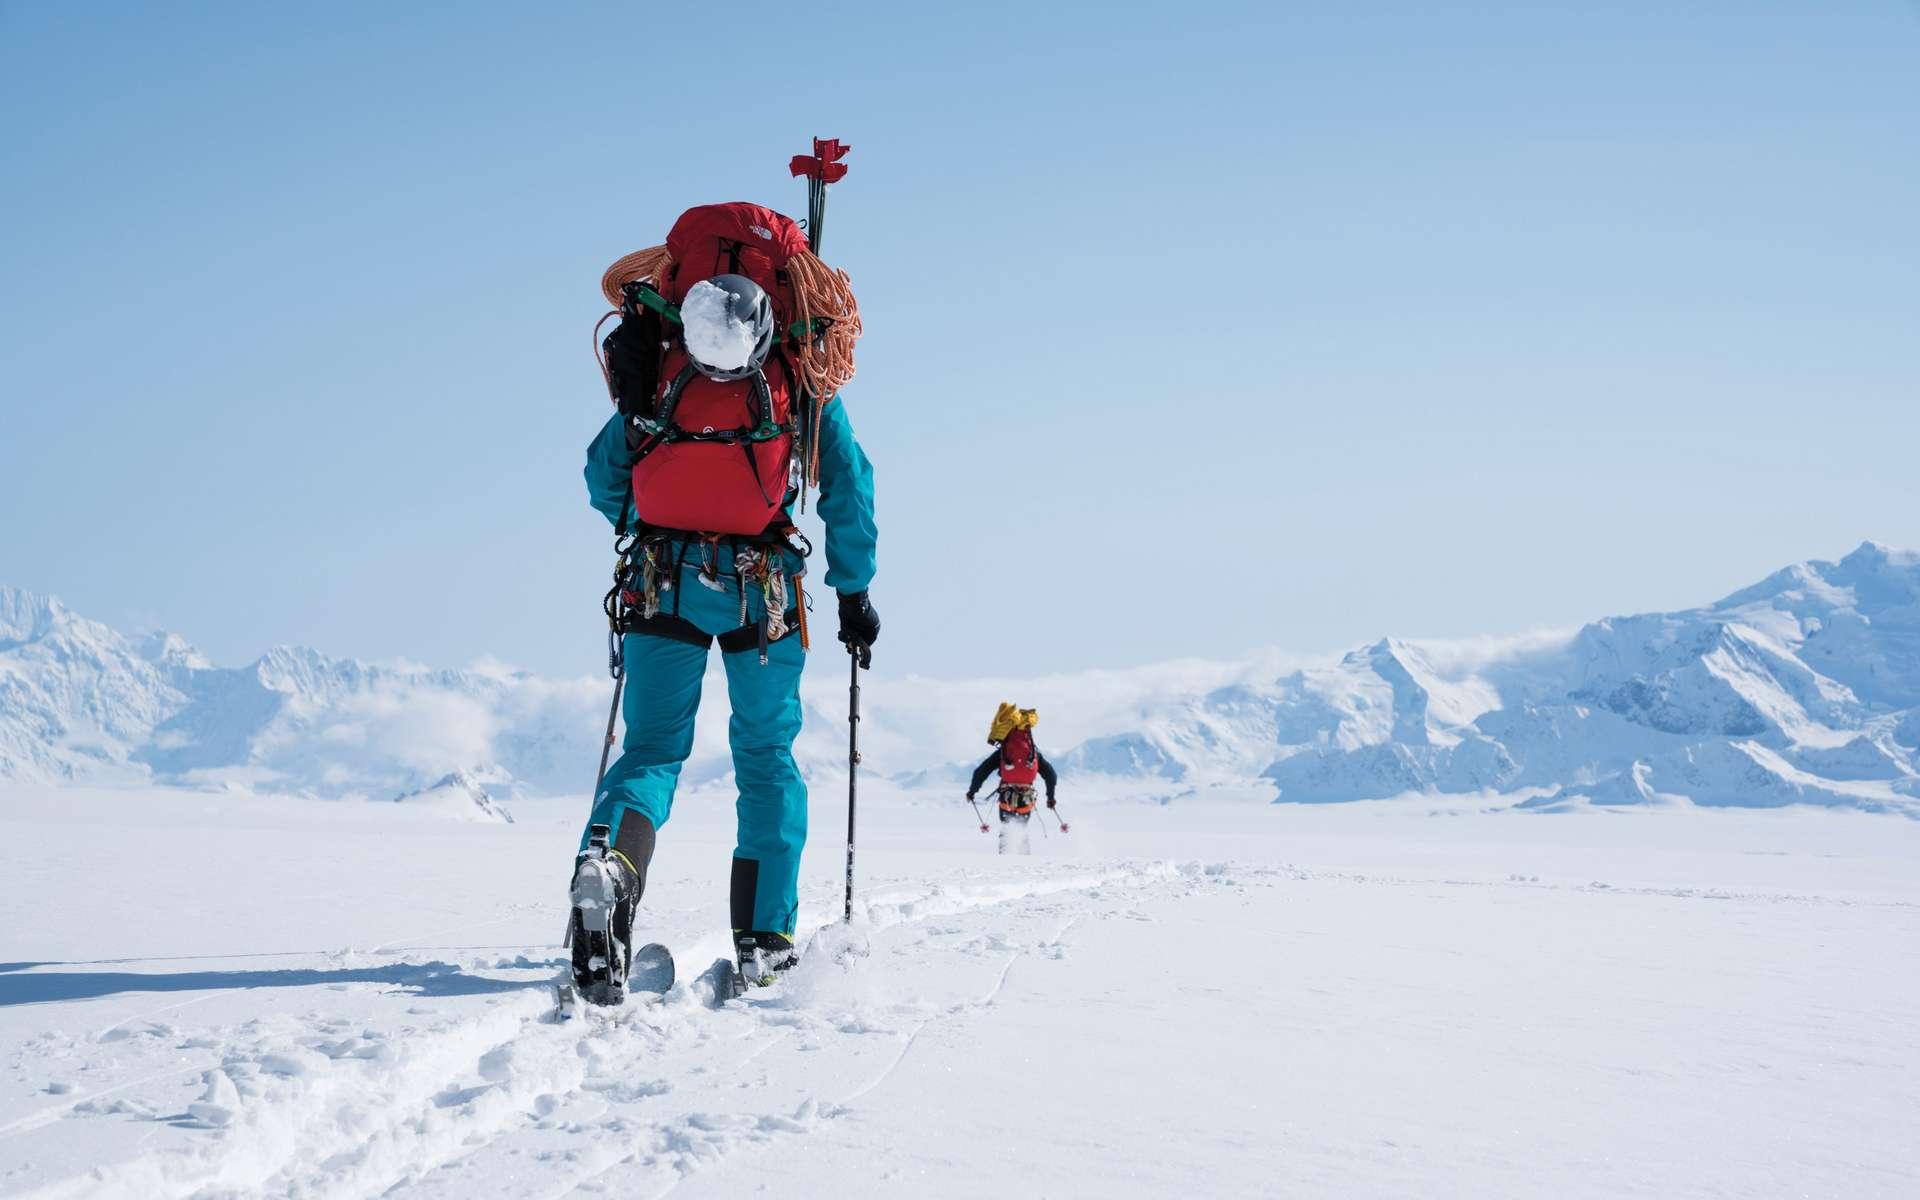 Le nouveau textile Futurelight a été testé par des athlètes dans des conditions extrêmes. © The North Face